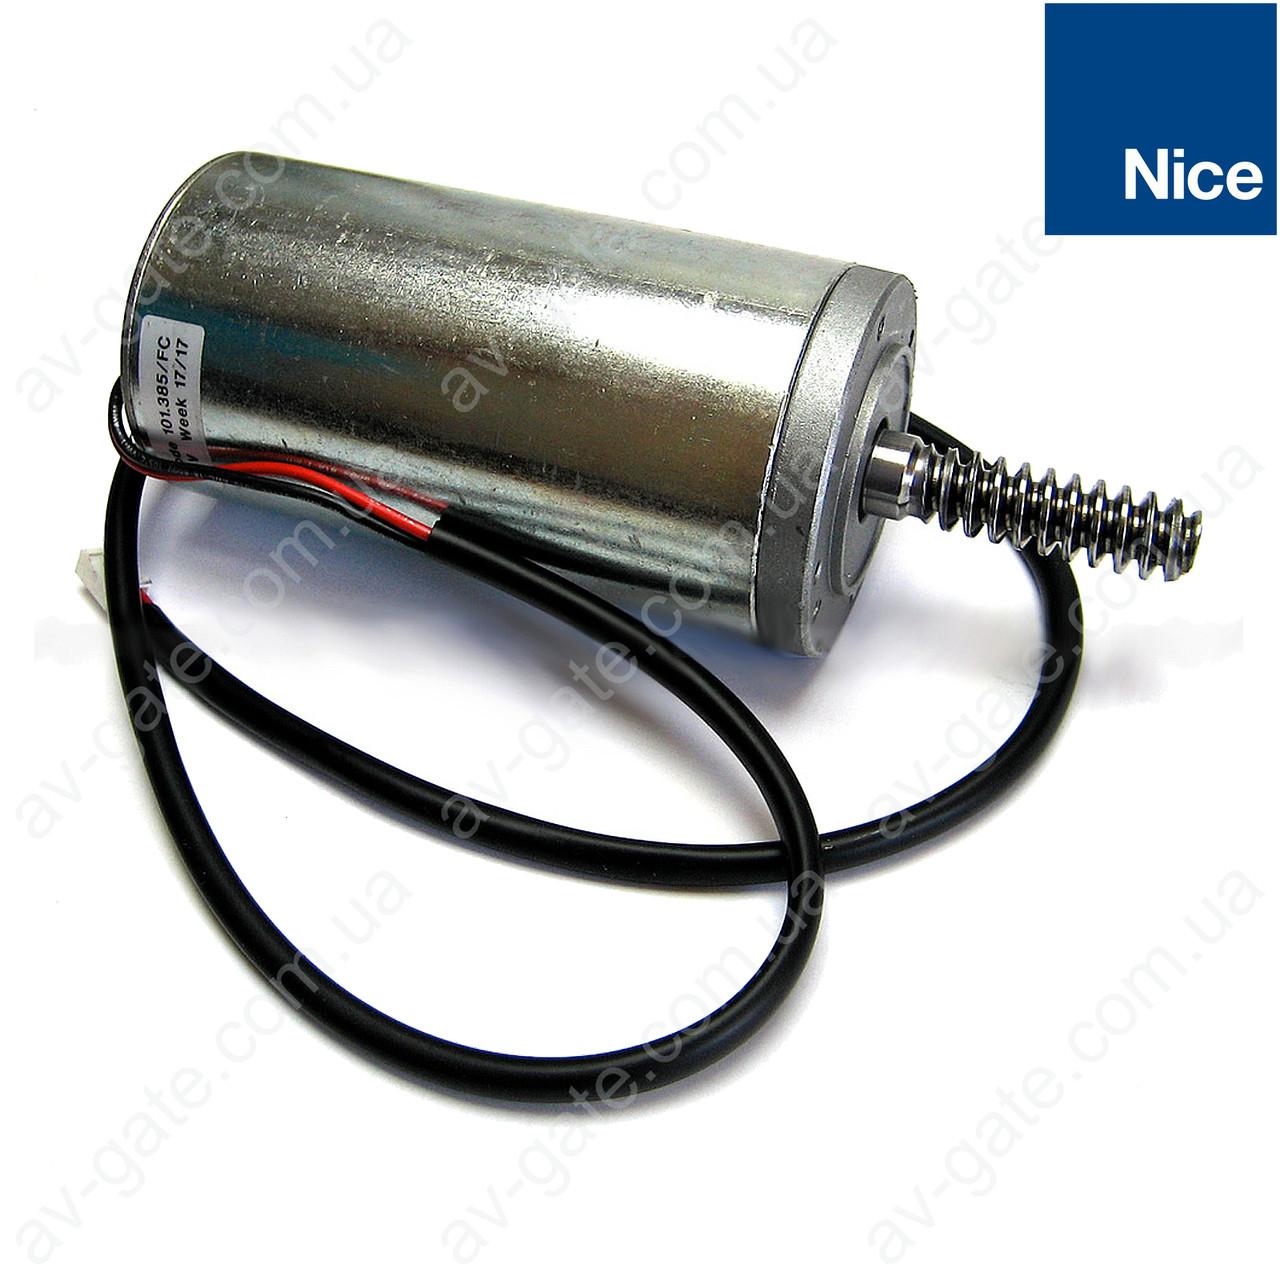 Электродвигатель WIL 4 / WIDE M Nice WA03R08